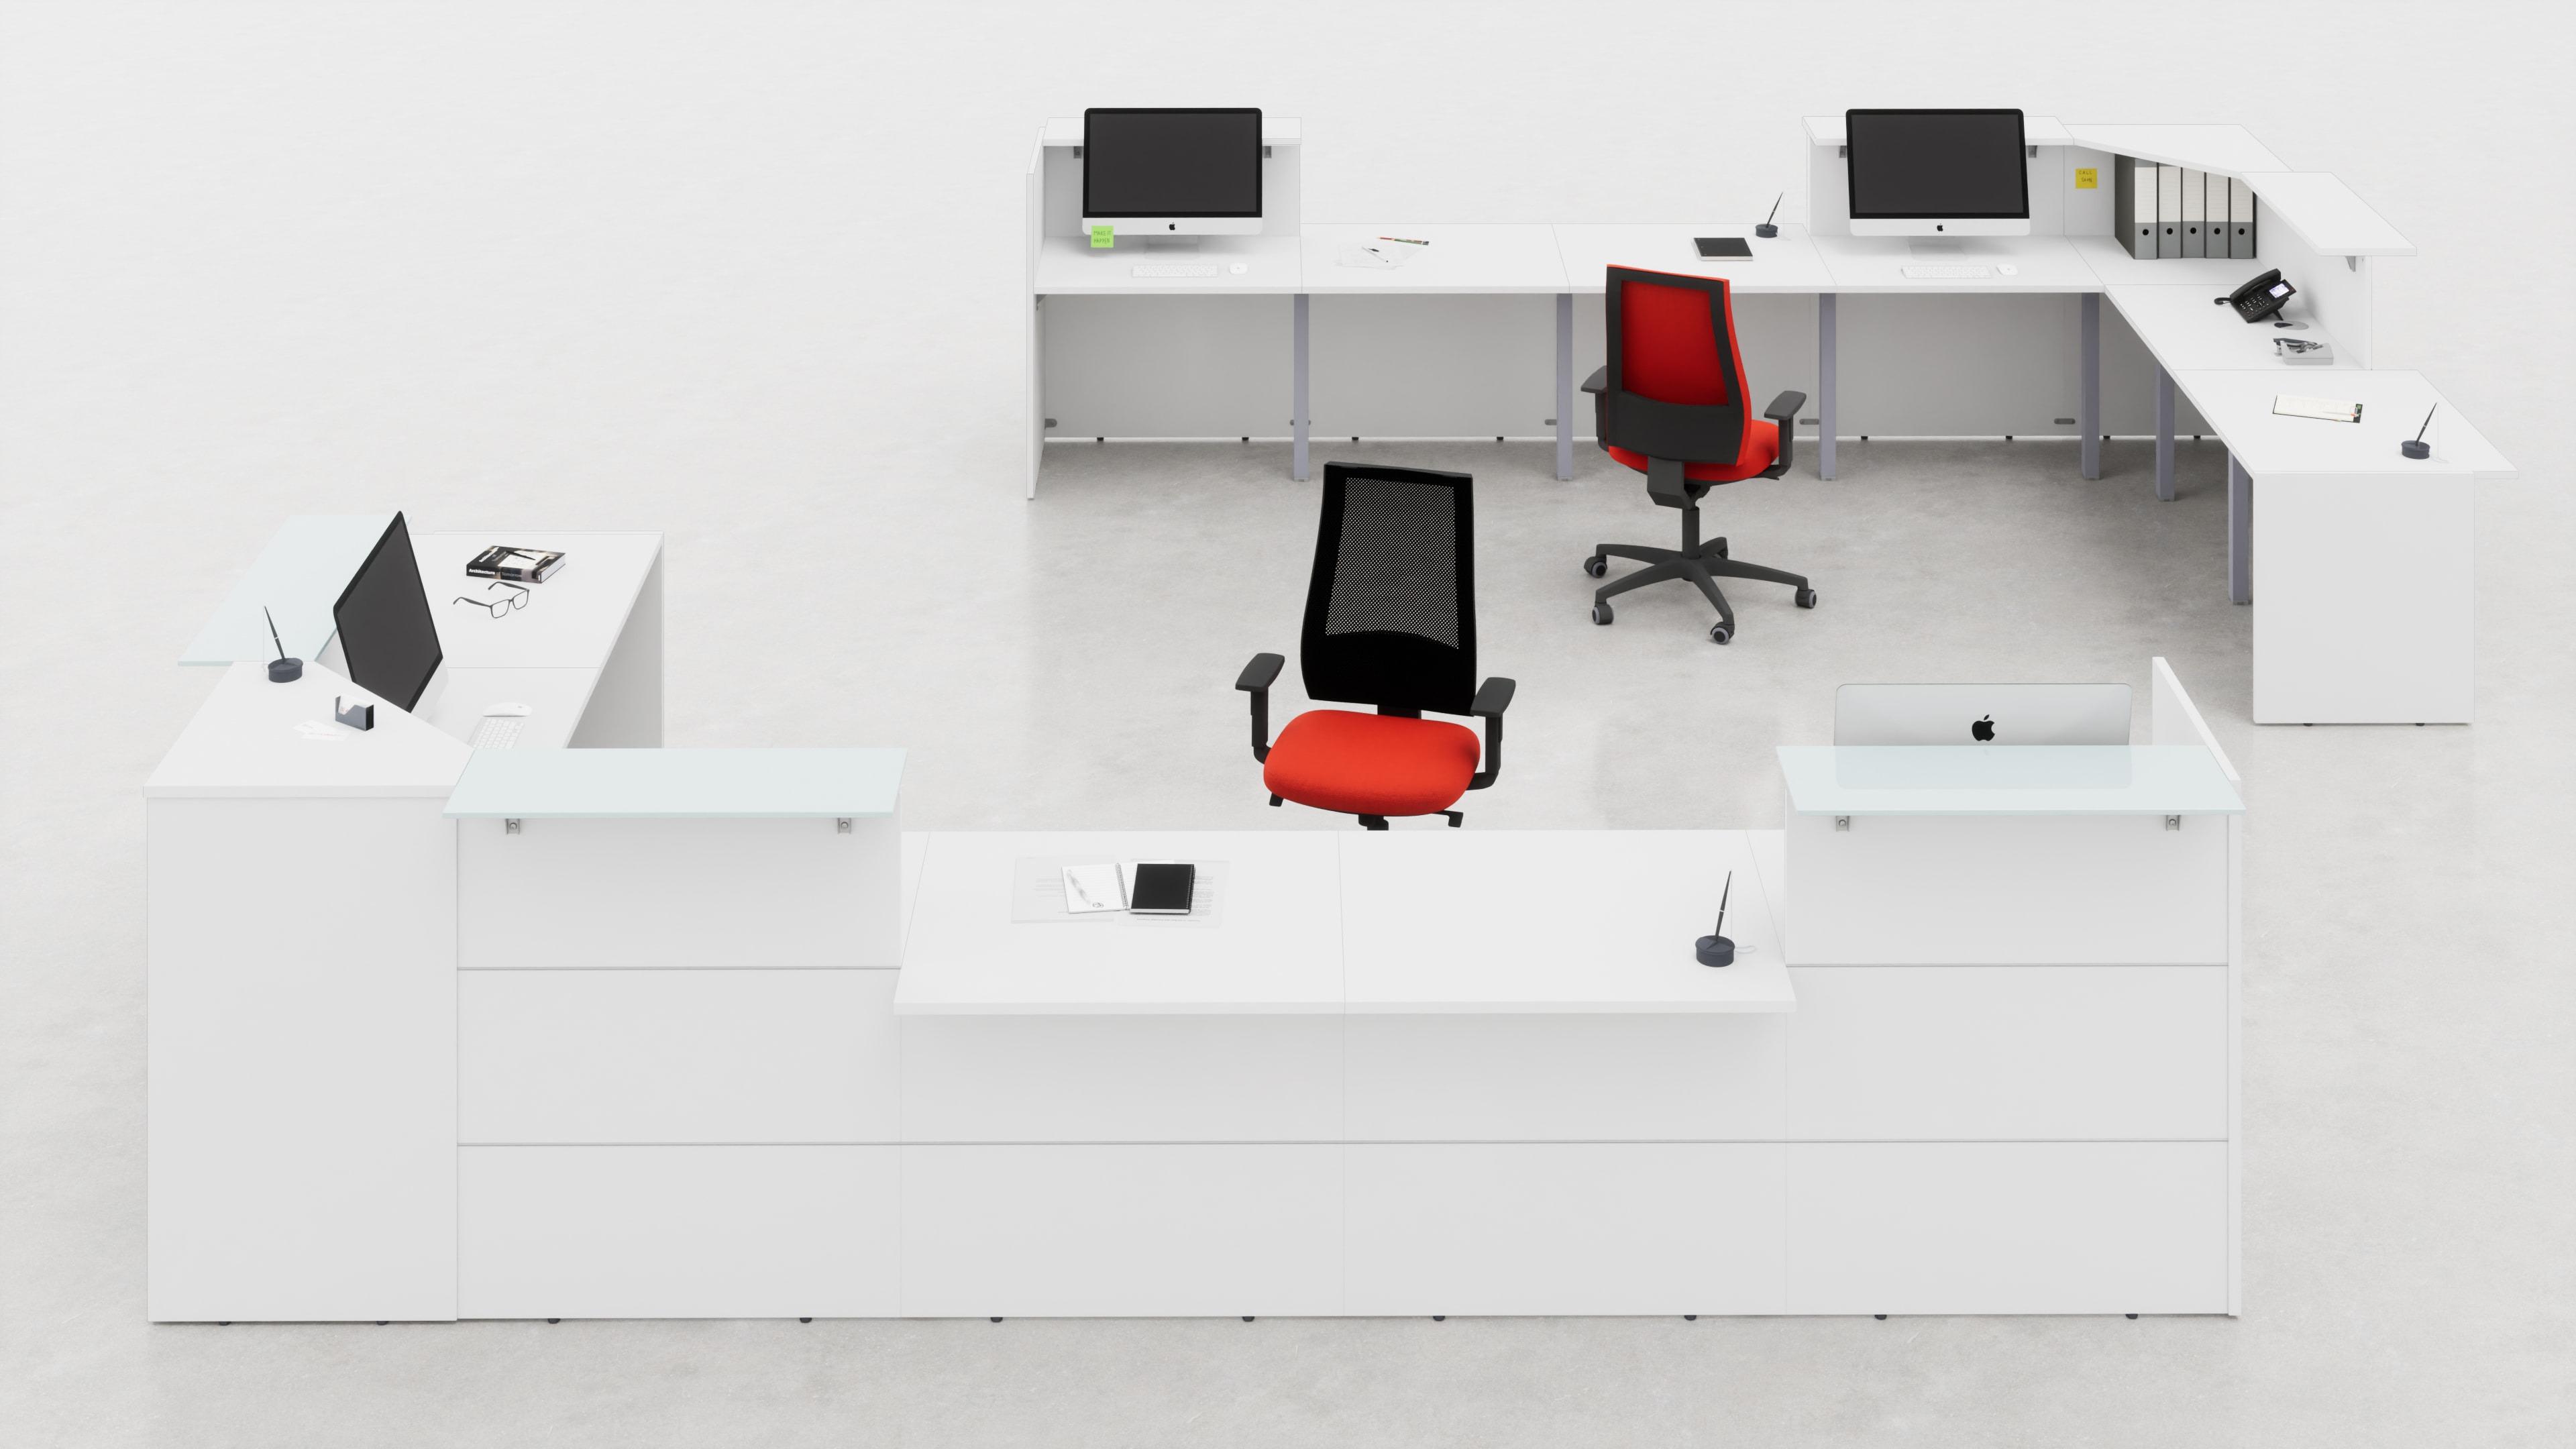 Reception angolare con top mensola vetro o legno con piani conversazione